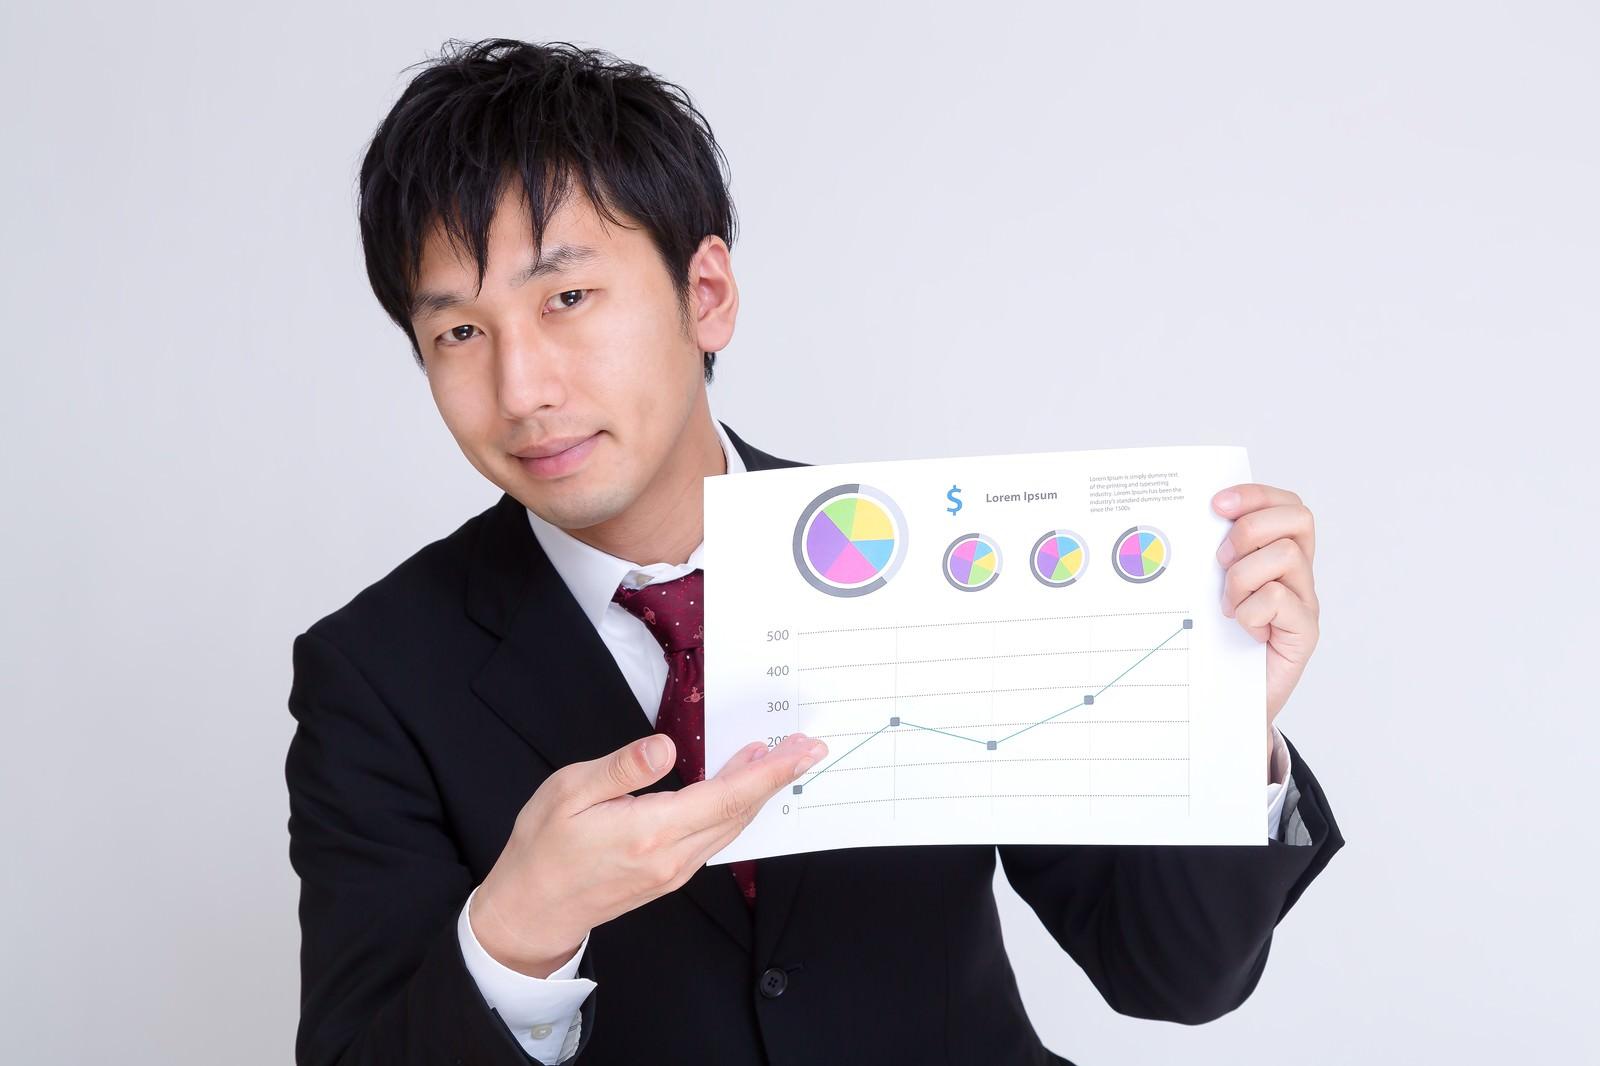 「グラフのペラでプランを提案するサラリーマン」の写真[モデル:大川竜弥]